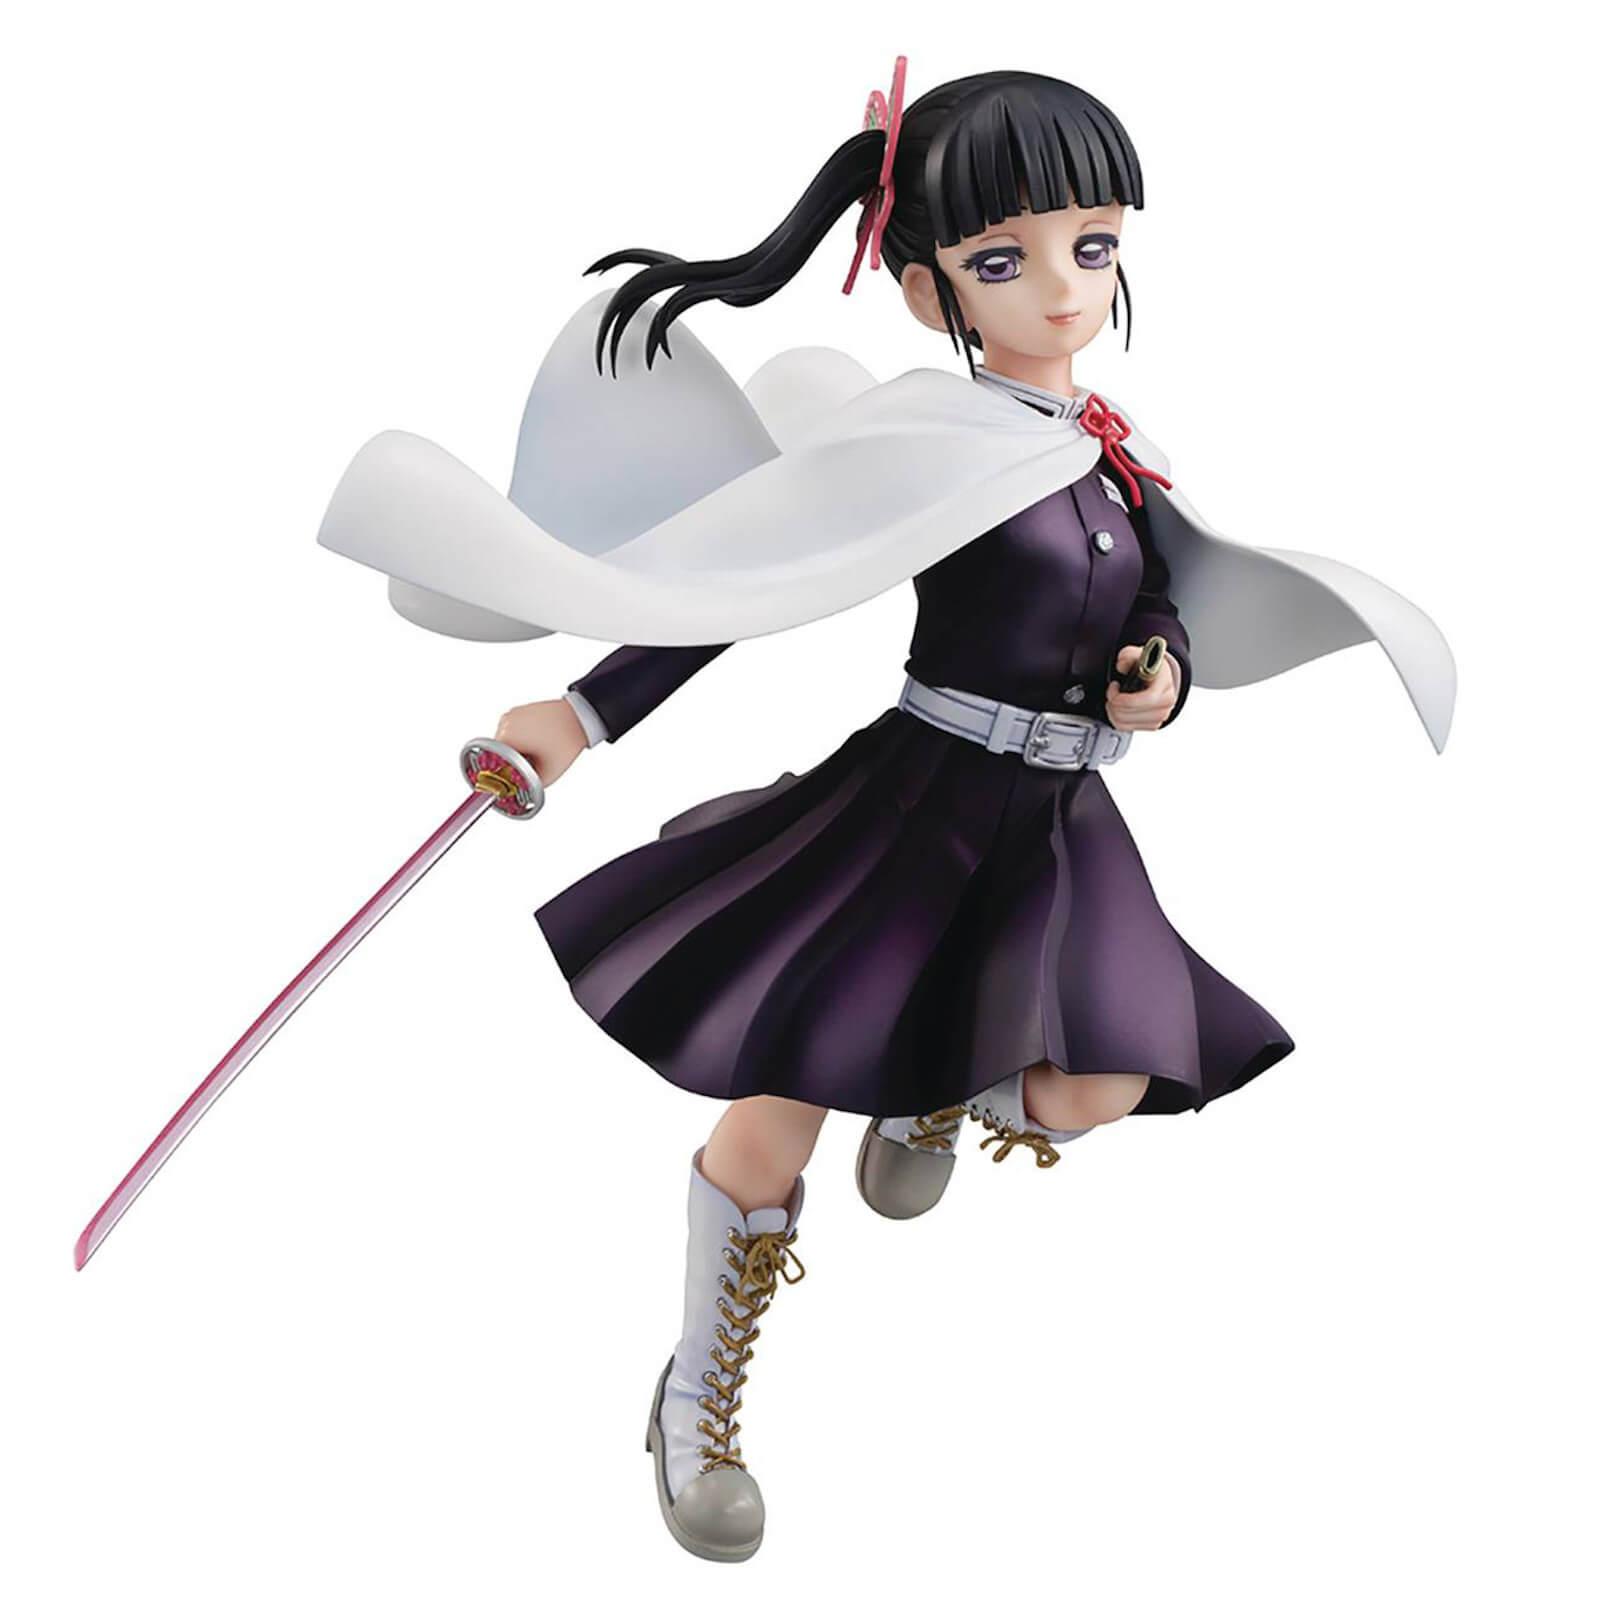 Demon Slayer: Kimetsu no Yaiba Gal Series PVC Figure - Kanao Tsuyuri